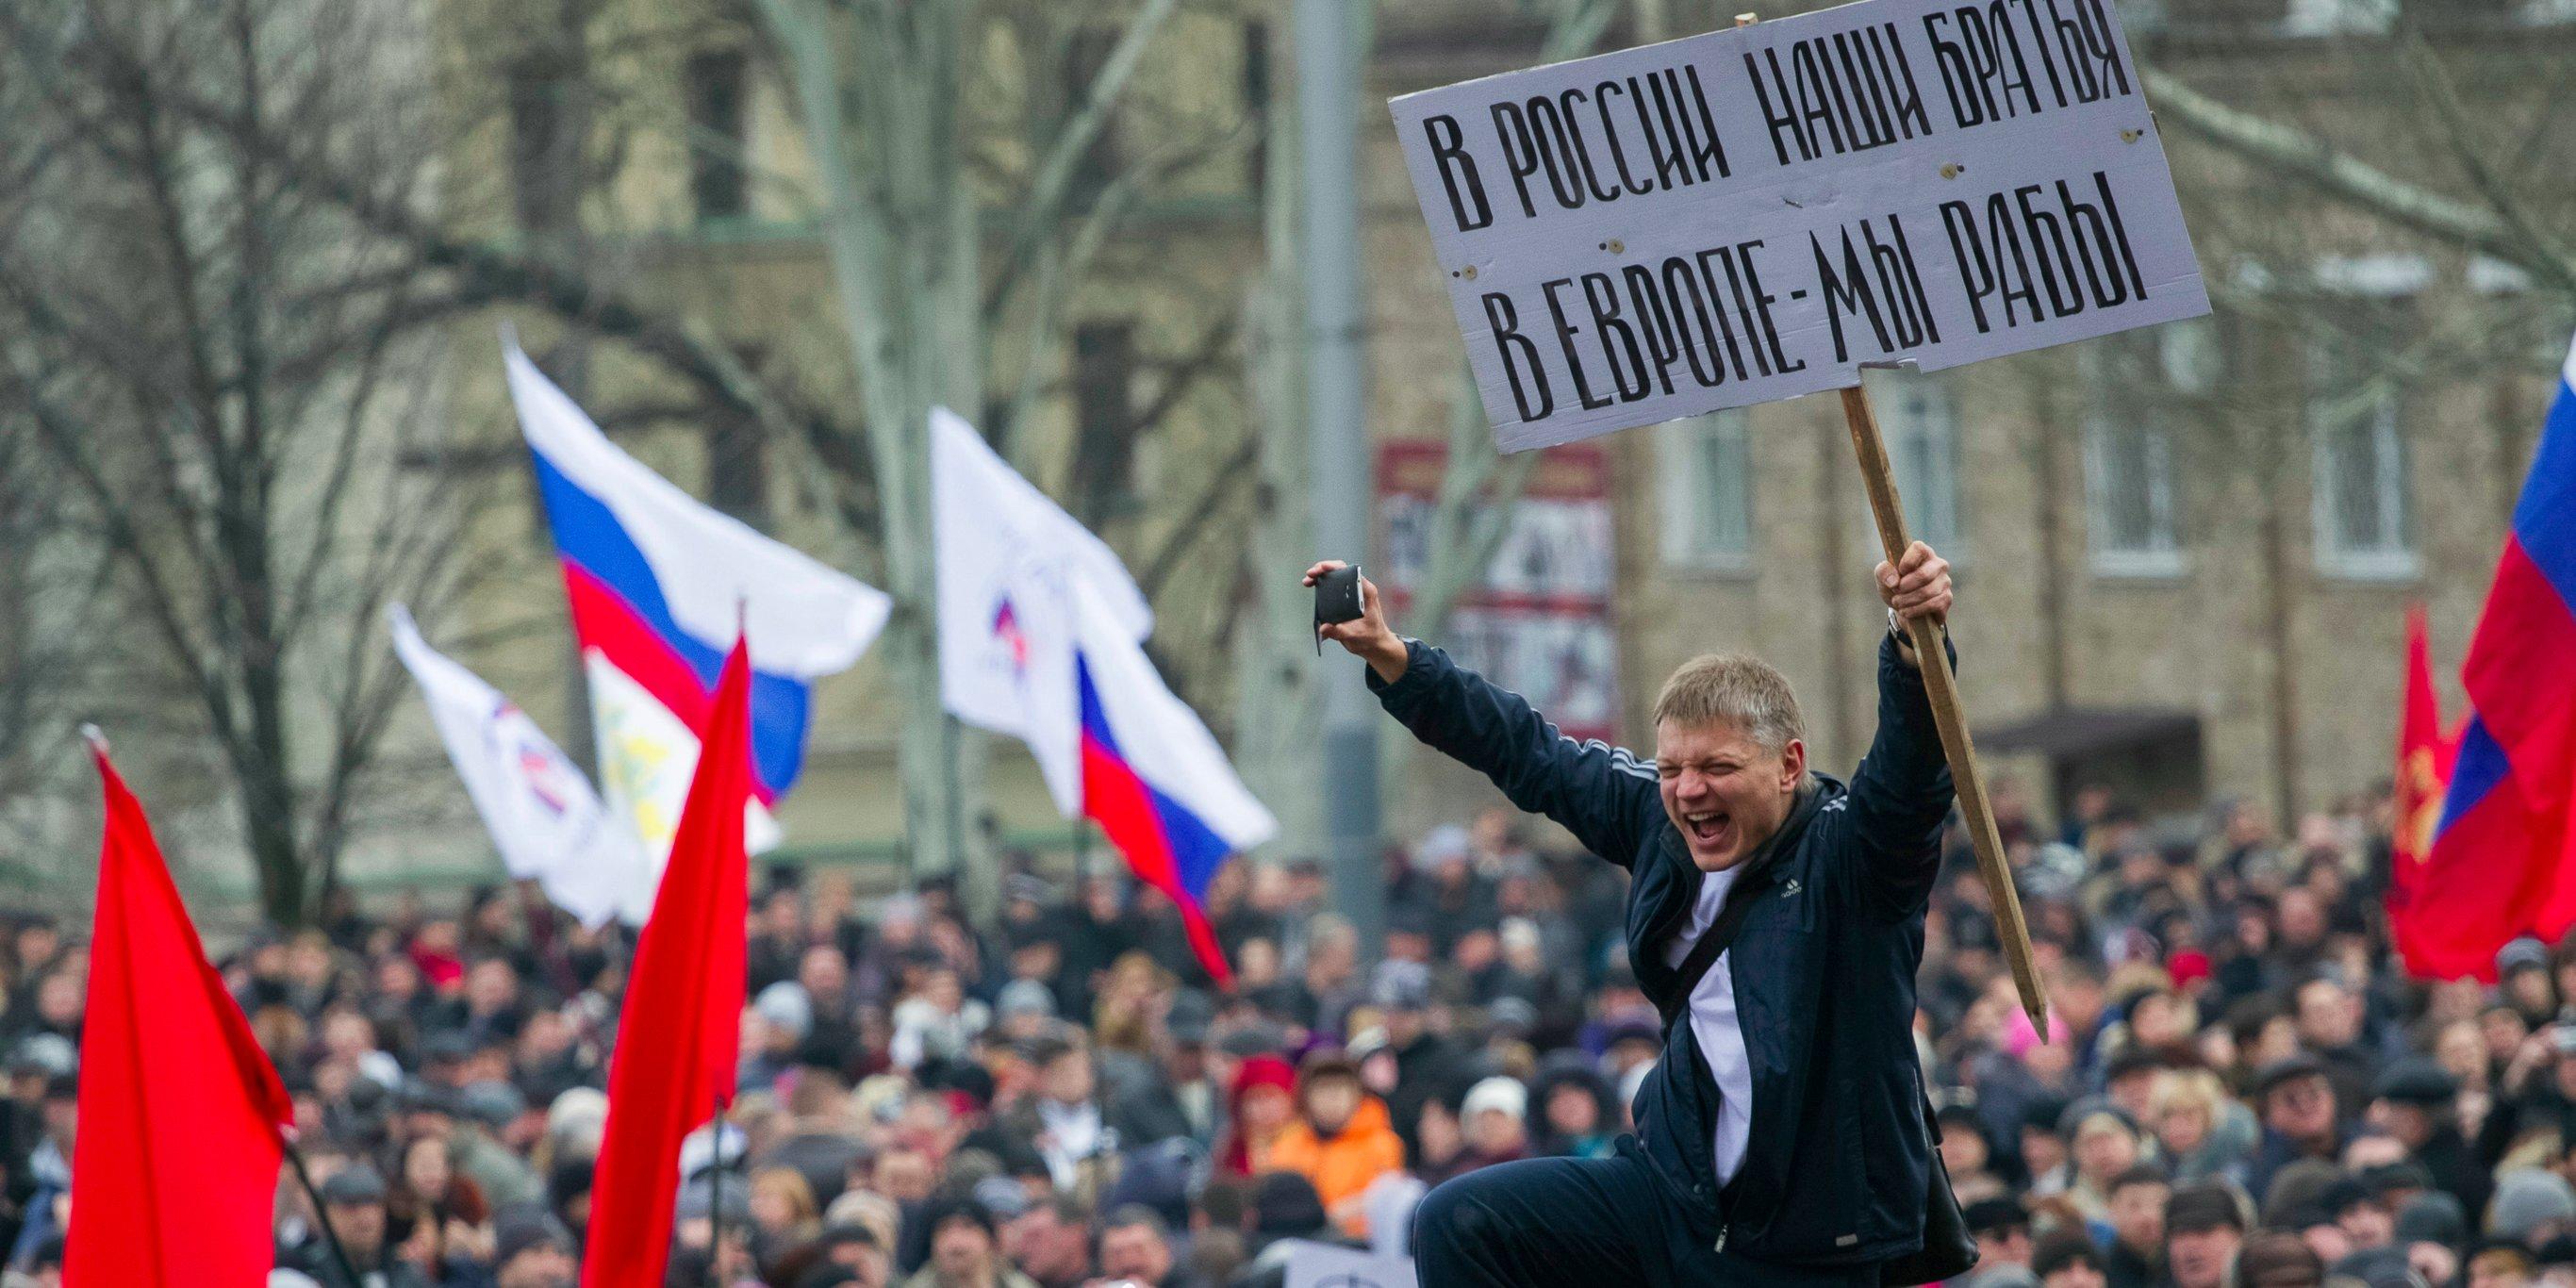 Организация и проведение массовых акций за присоединение регионов Украины к России являются средствами пропаганды, за что авторы законопроекта предлагают ввести уголовную ответственность